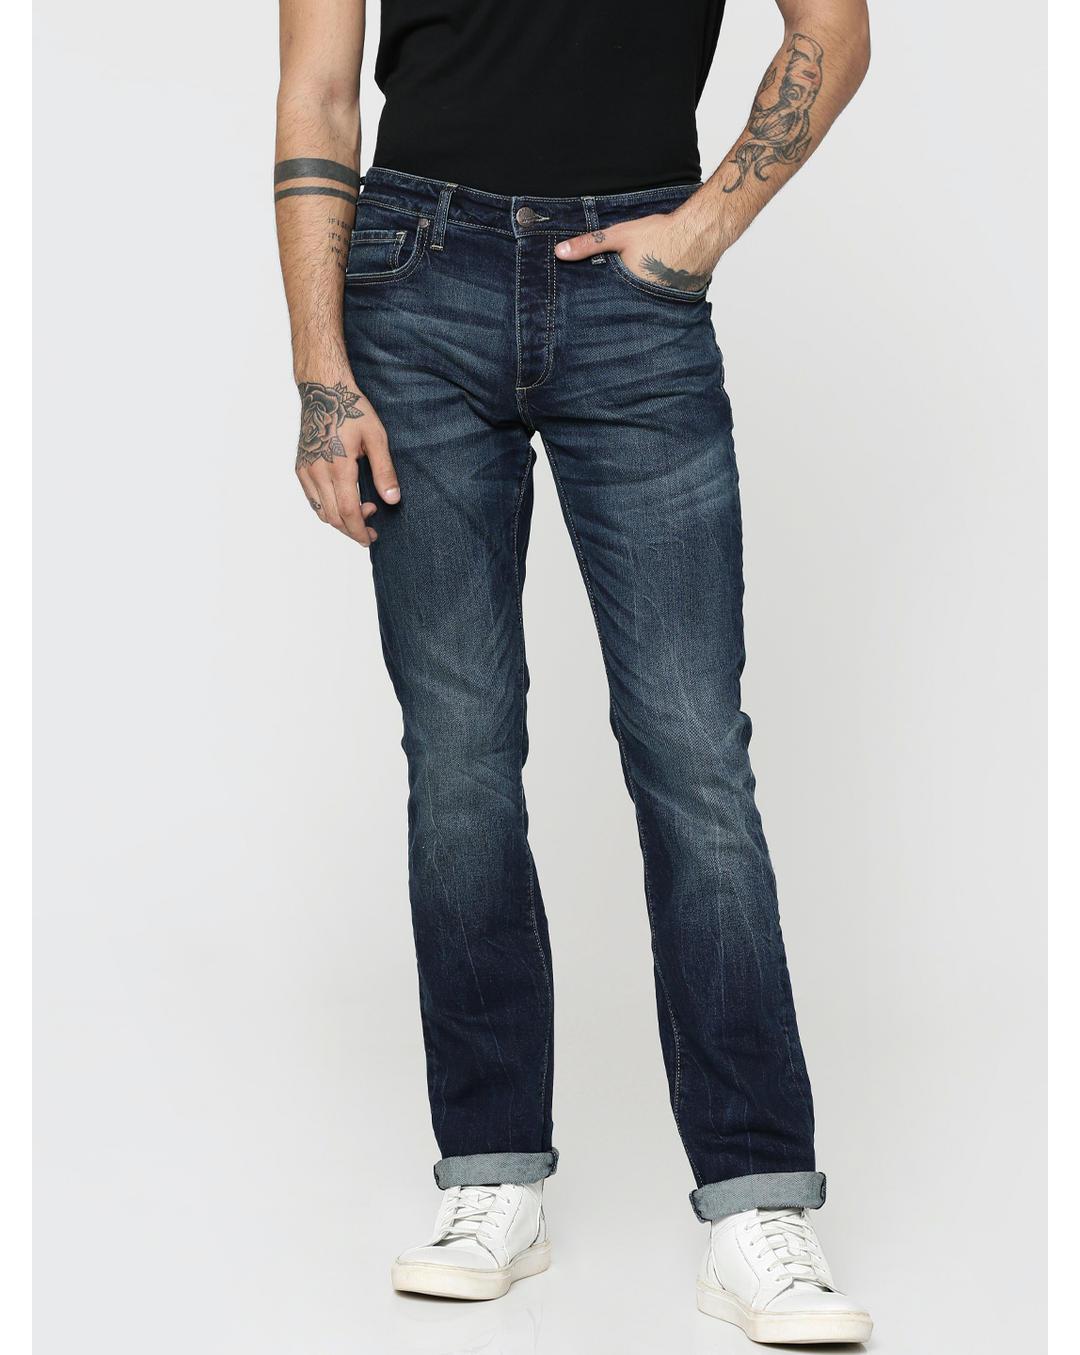 echte Qualität klassische Stile Entdecken Sie die neuesten Trends Buy Jack & Jones Dark Blue Clark Regular Fit Jeans Online ...